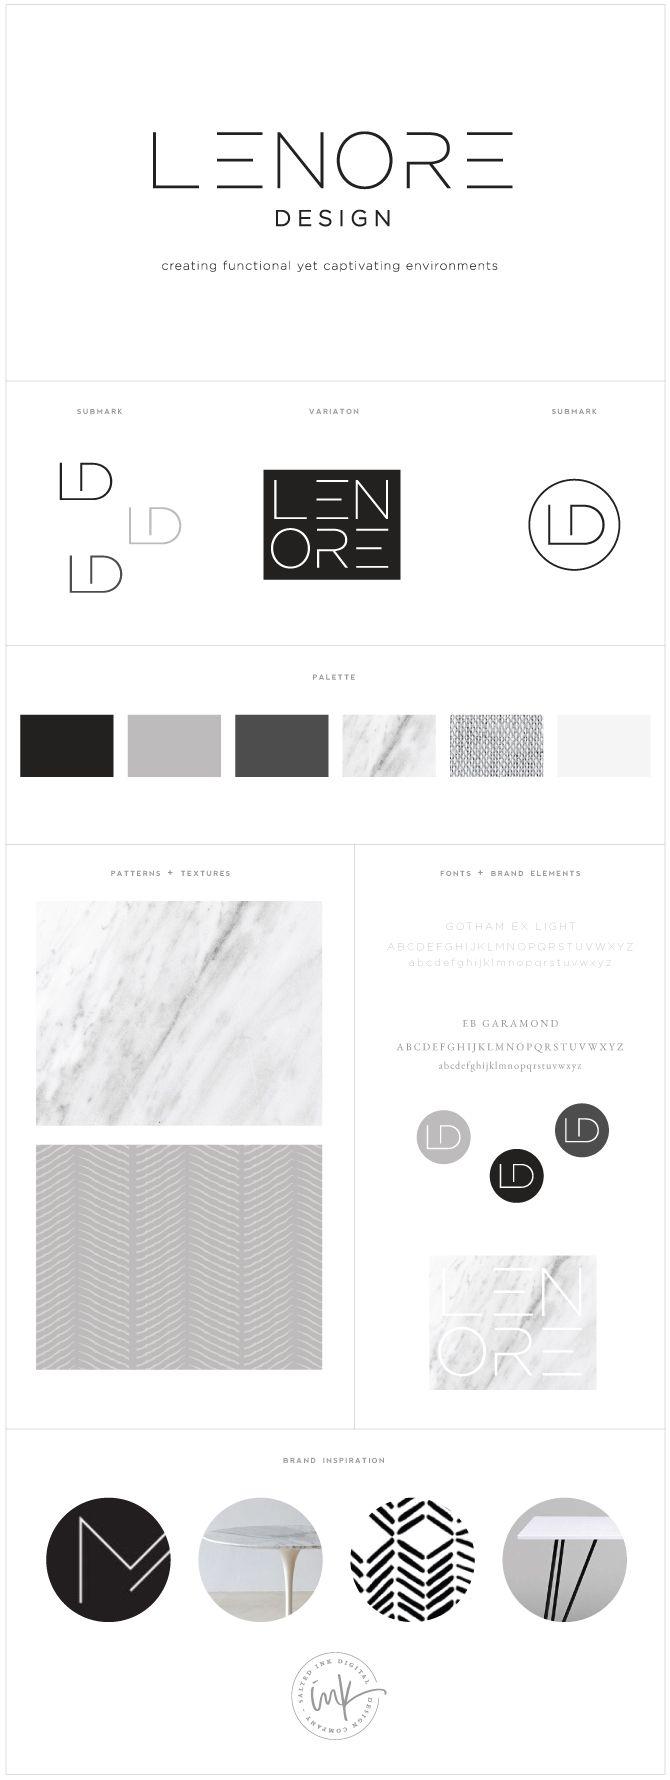 Marca de Diseño de Interiores, por Salted Ink